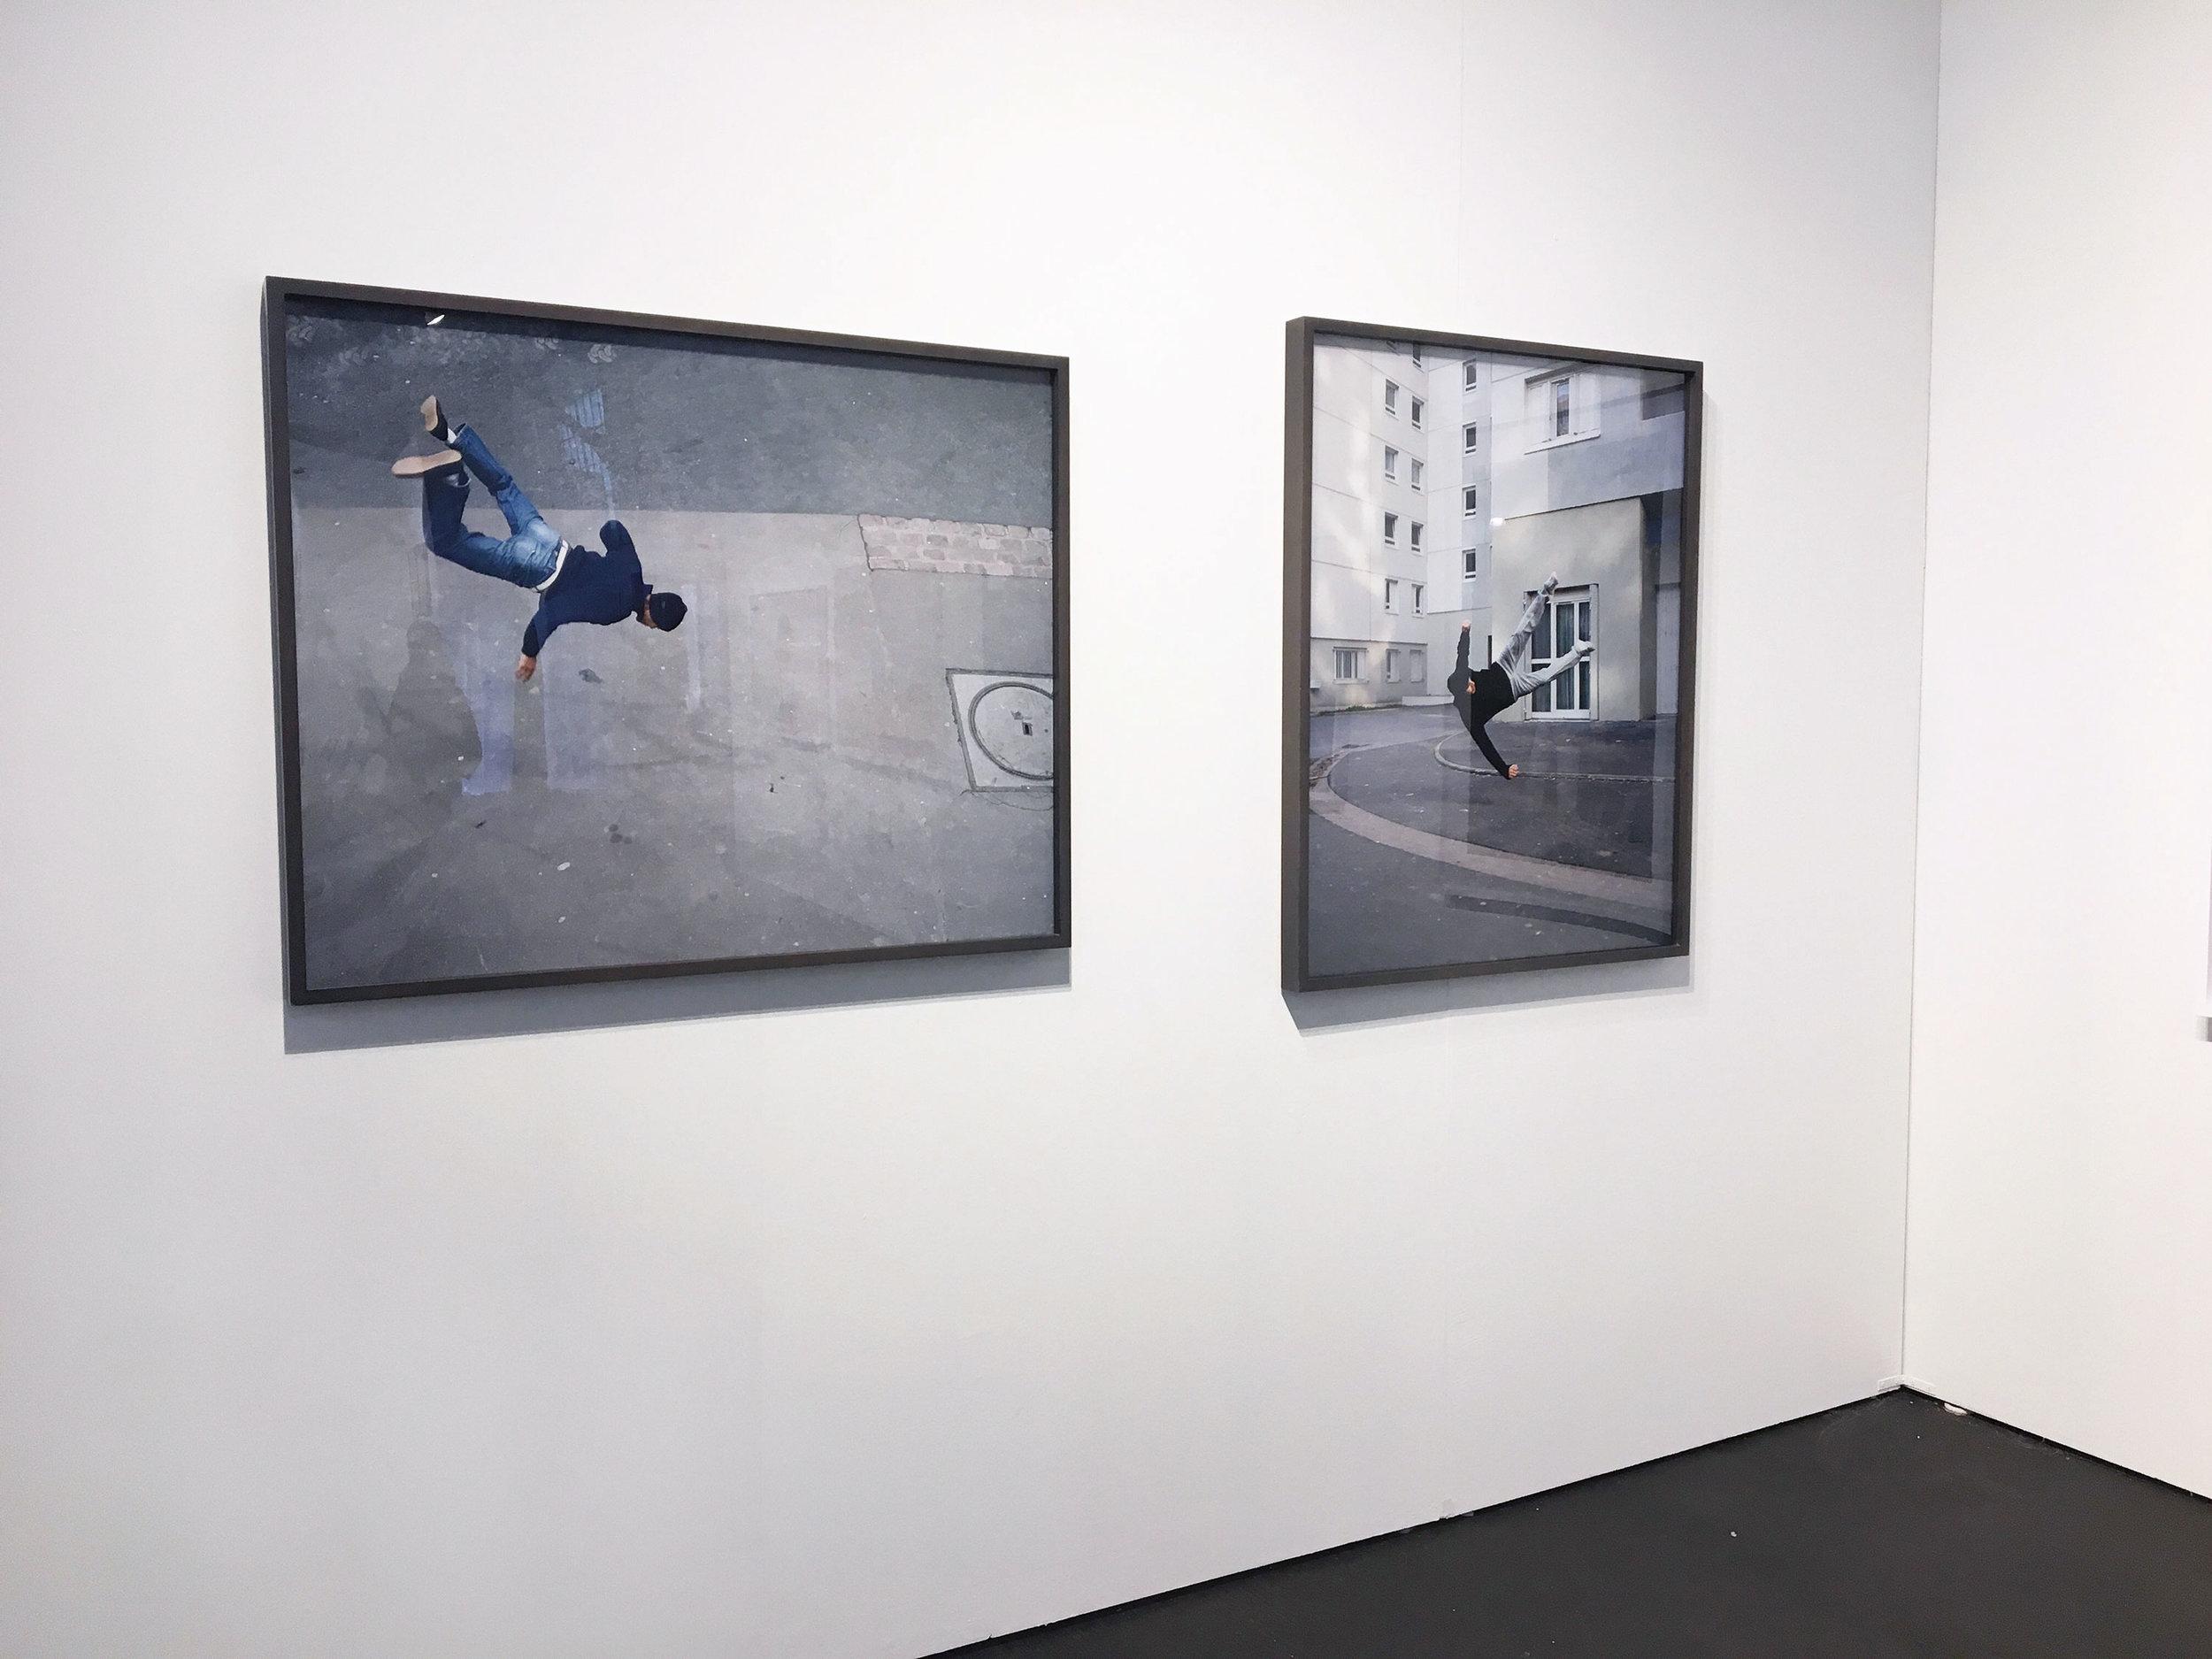 Denis Darzacq, Laura Plageman, and Osamu Yokonami at Photofairs San Francisco 2017    Inquire